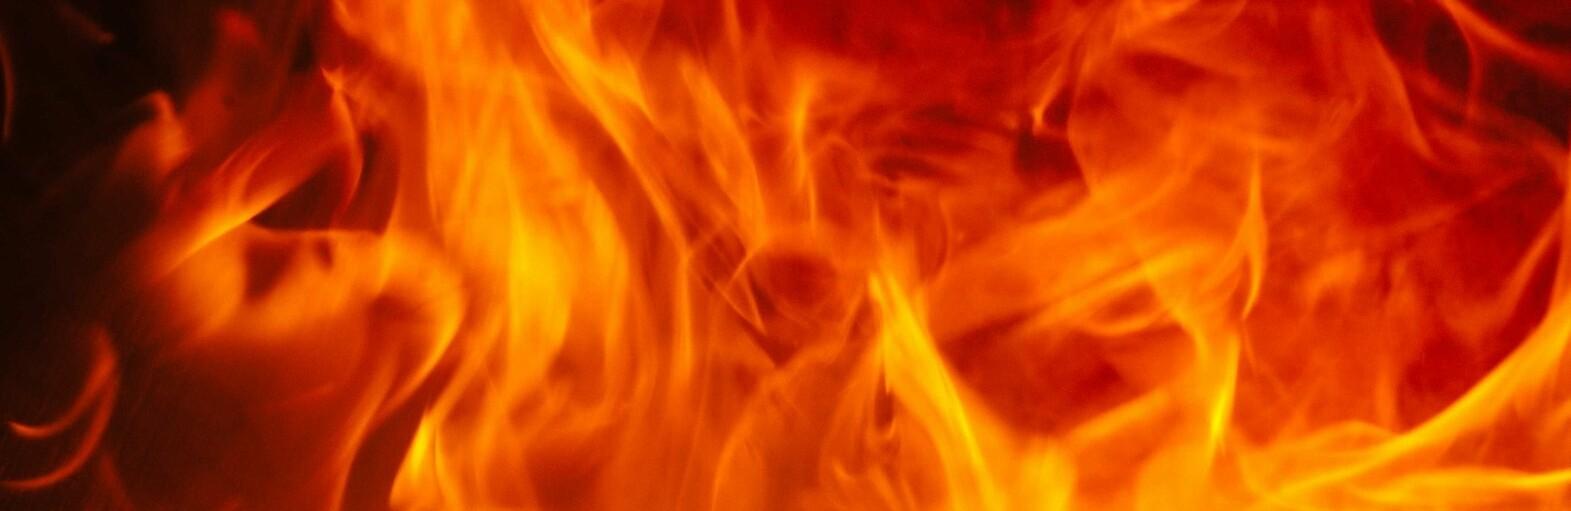 В Одессе горел частный дом0